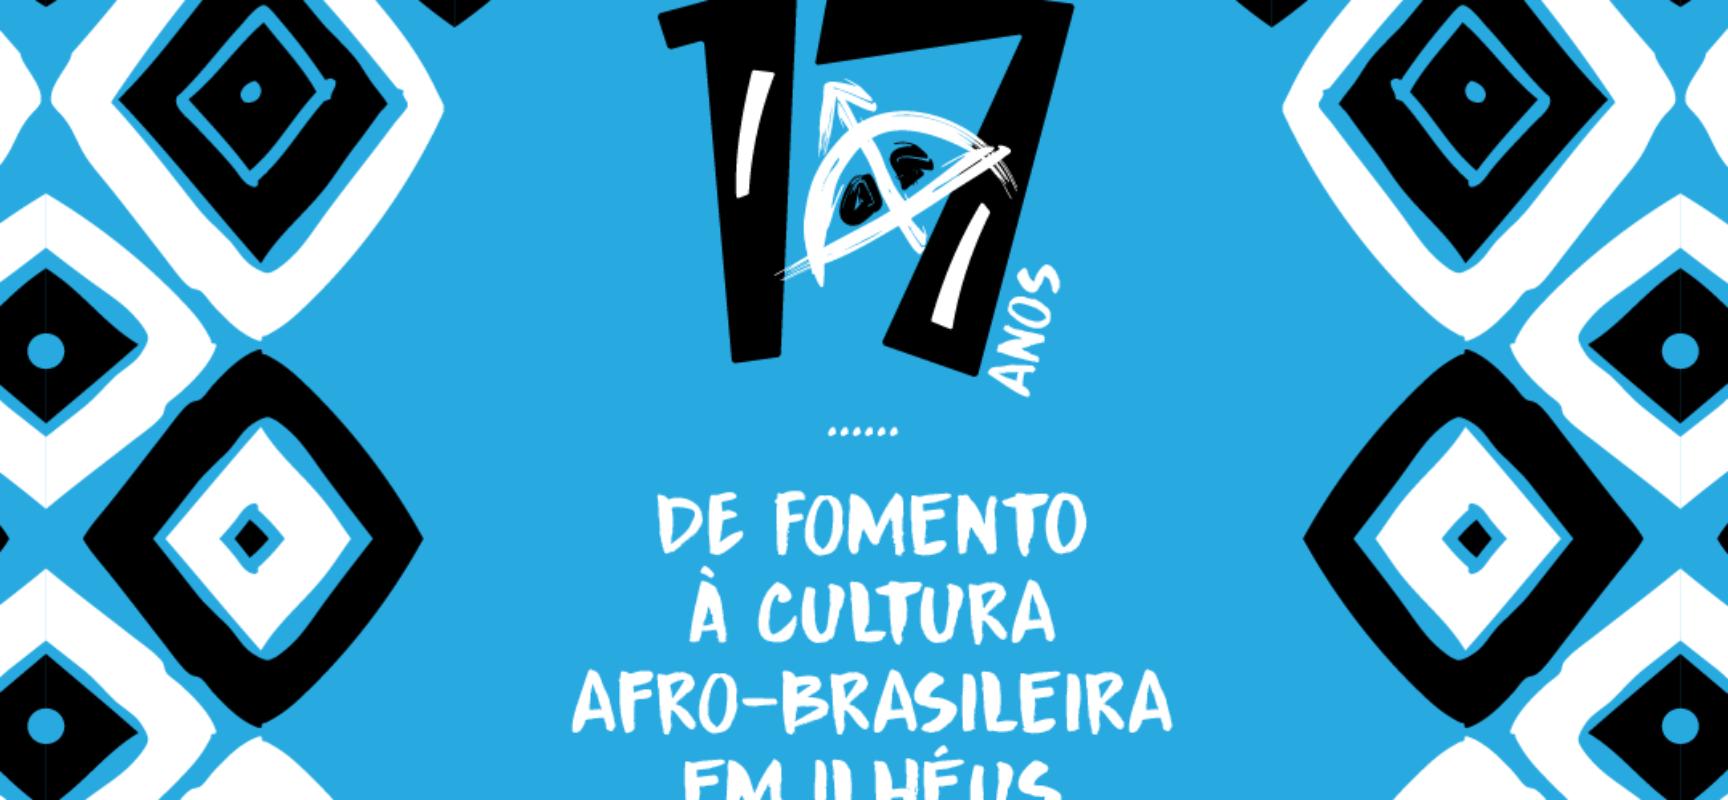 17 anos da ONG Gongombira: resistência e fomento da cultura afro-brasileira em Ilhéus